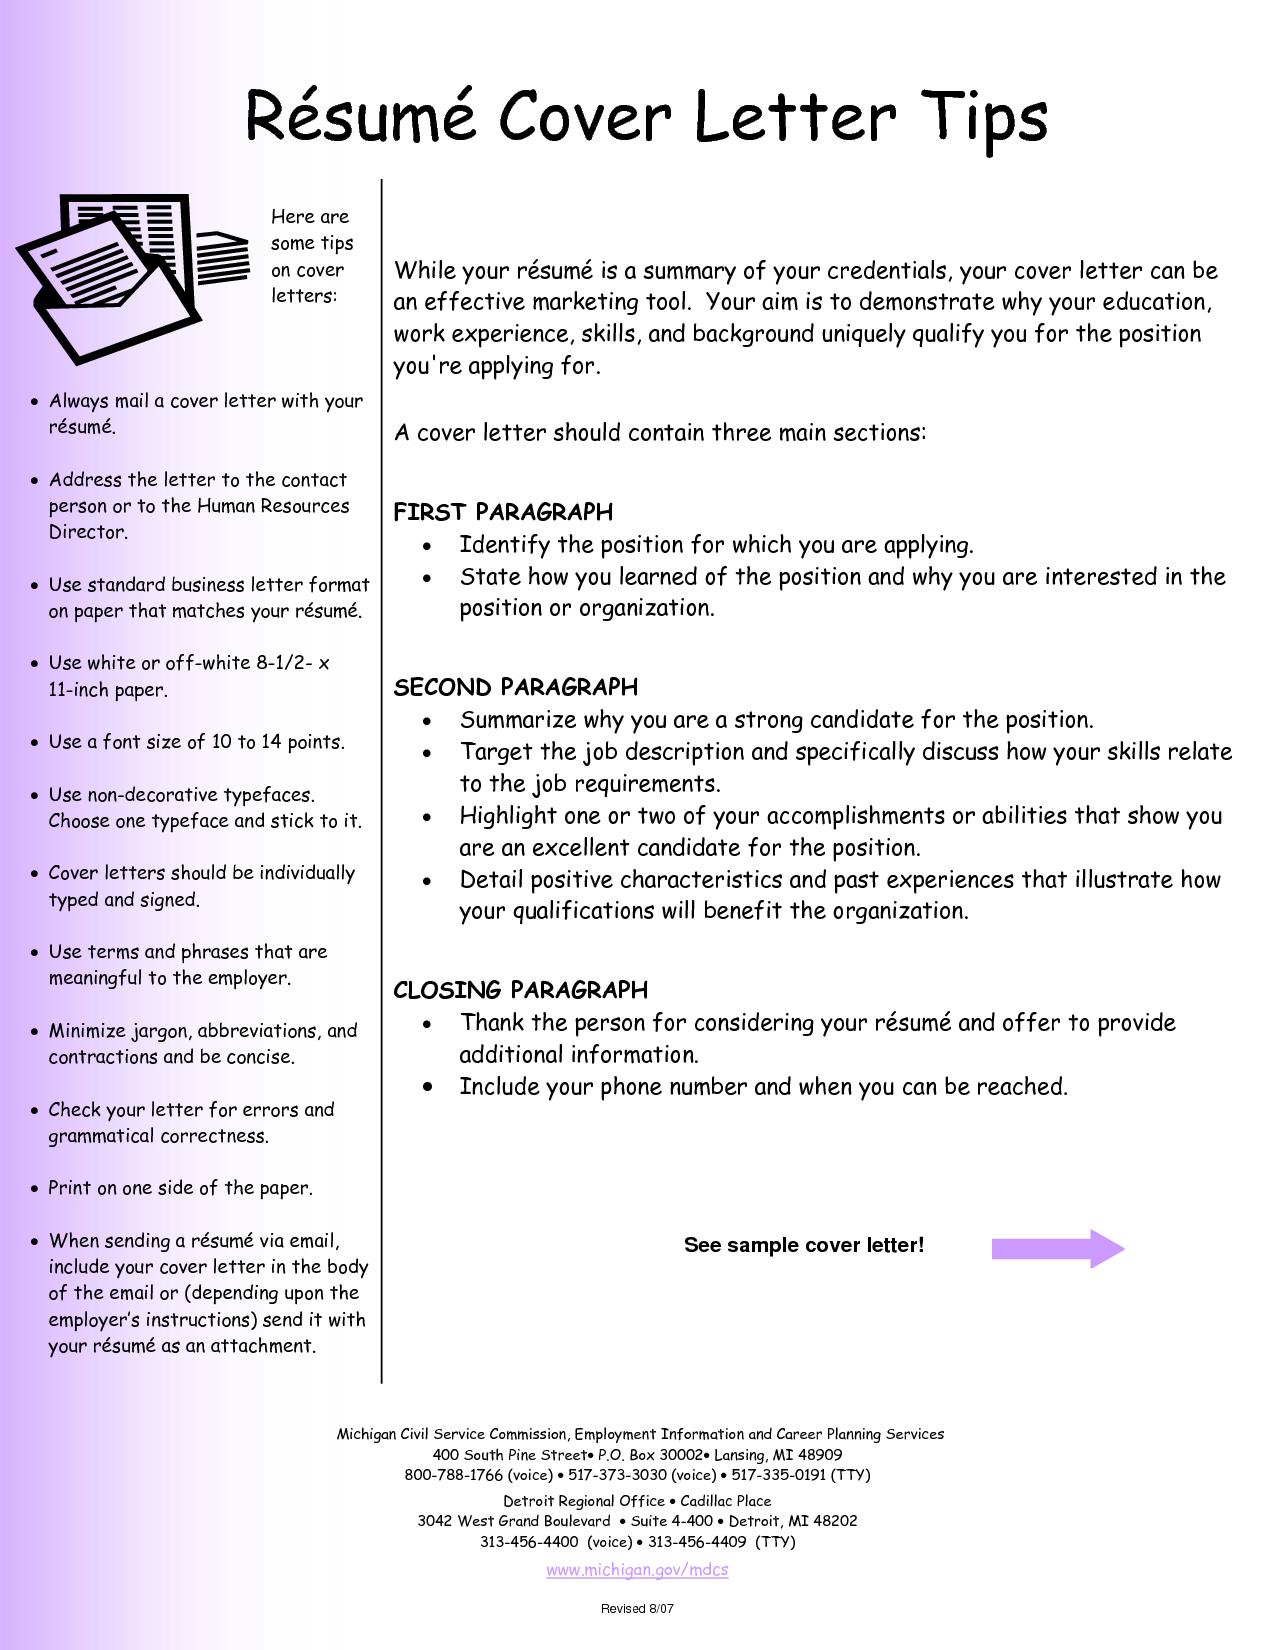 CV Cover Letter Examples http//www.resumecareer.info/cv